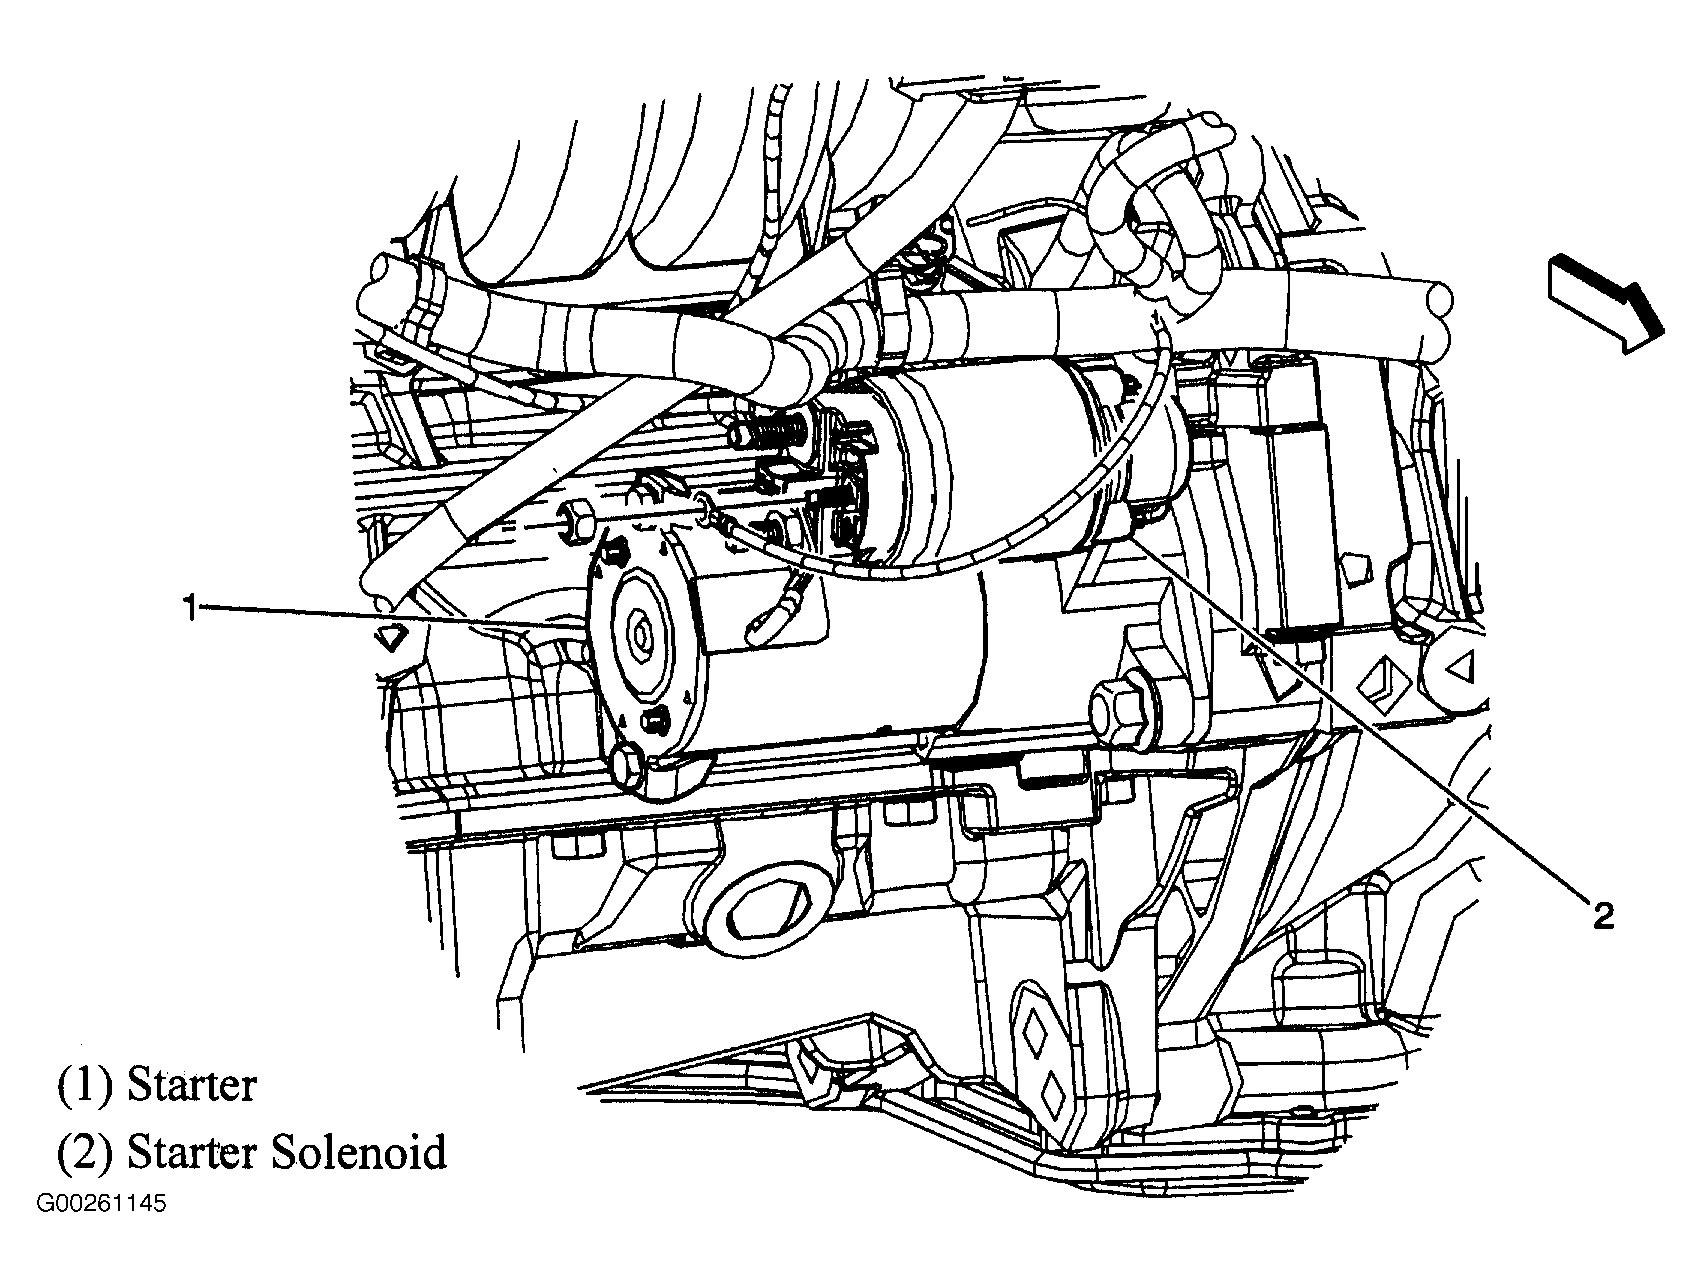 2001 Chevy Impala Wiring Schematic